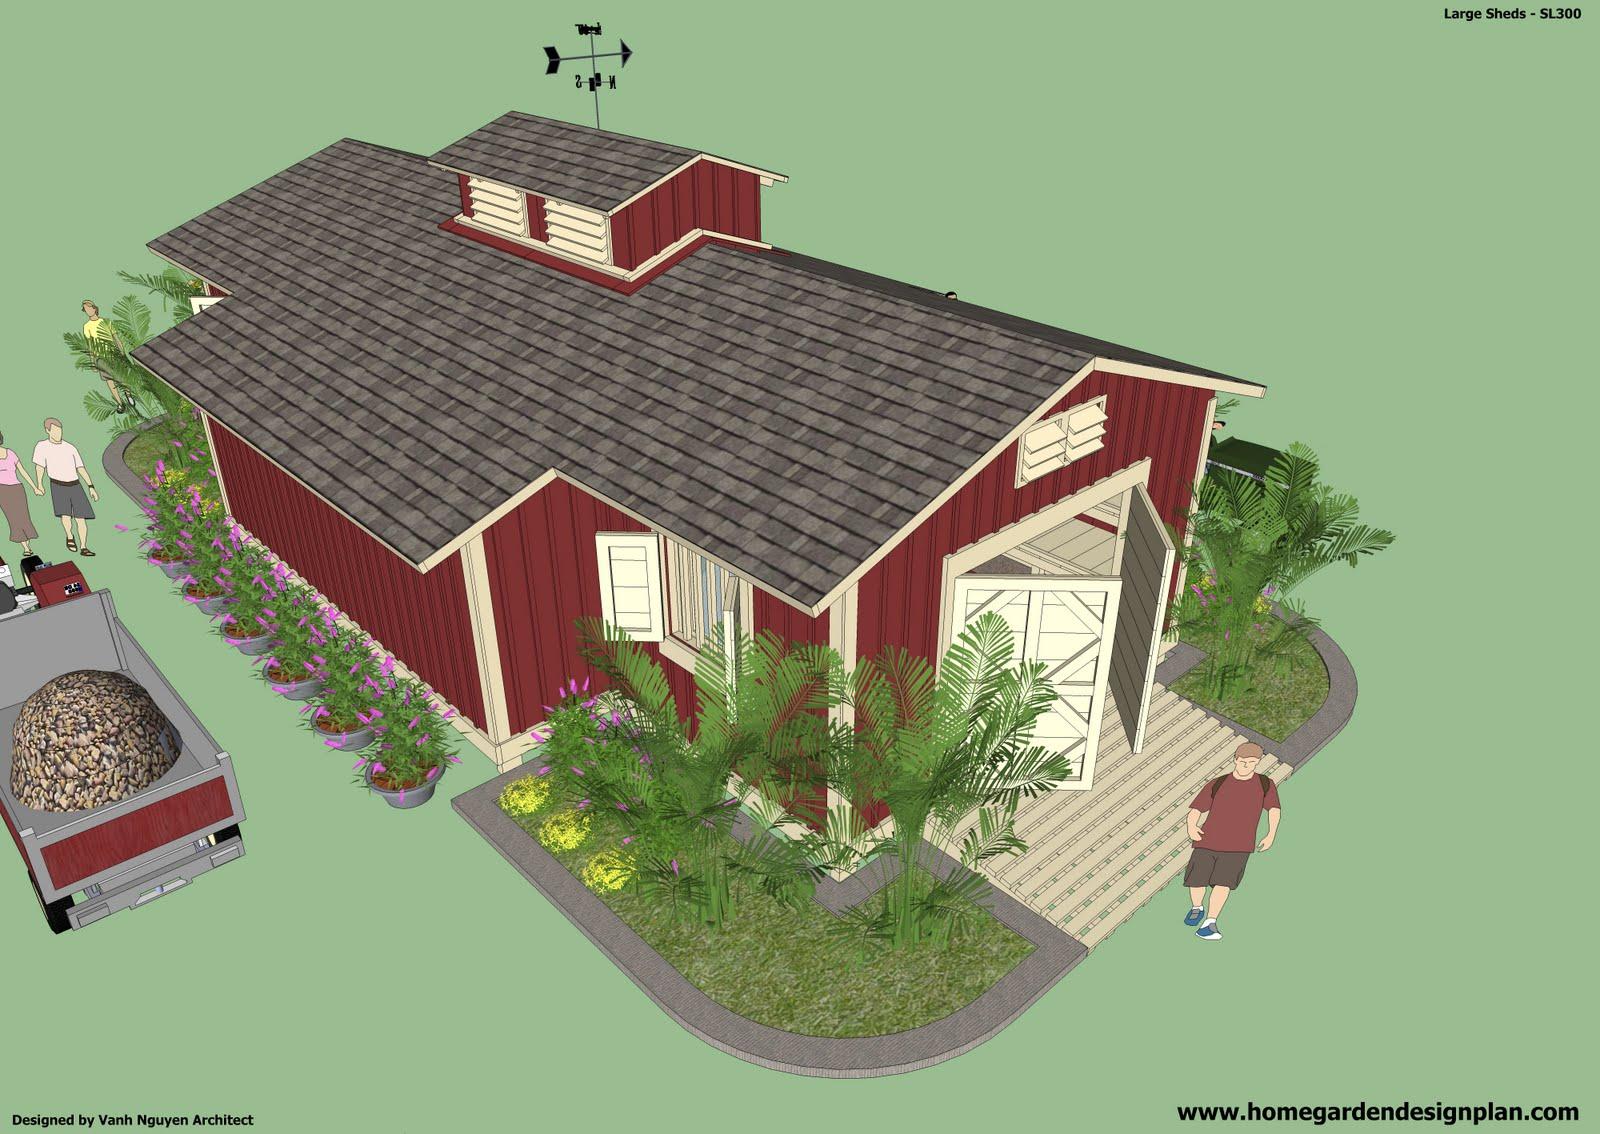 Computer kaz free 10x12 gambrel storage shed plans pdf for Garden shed plans pdf